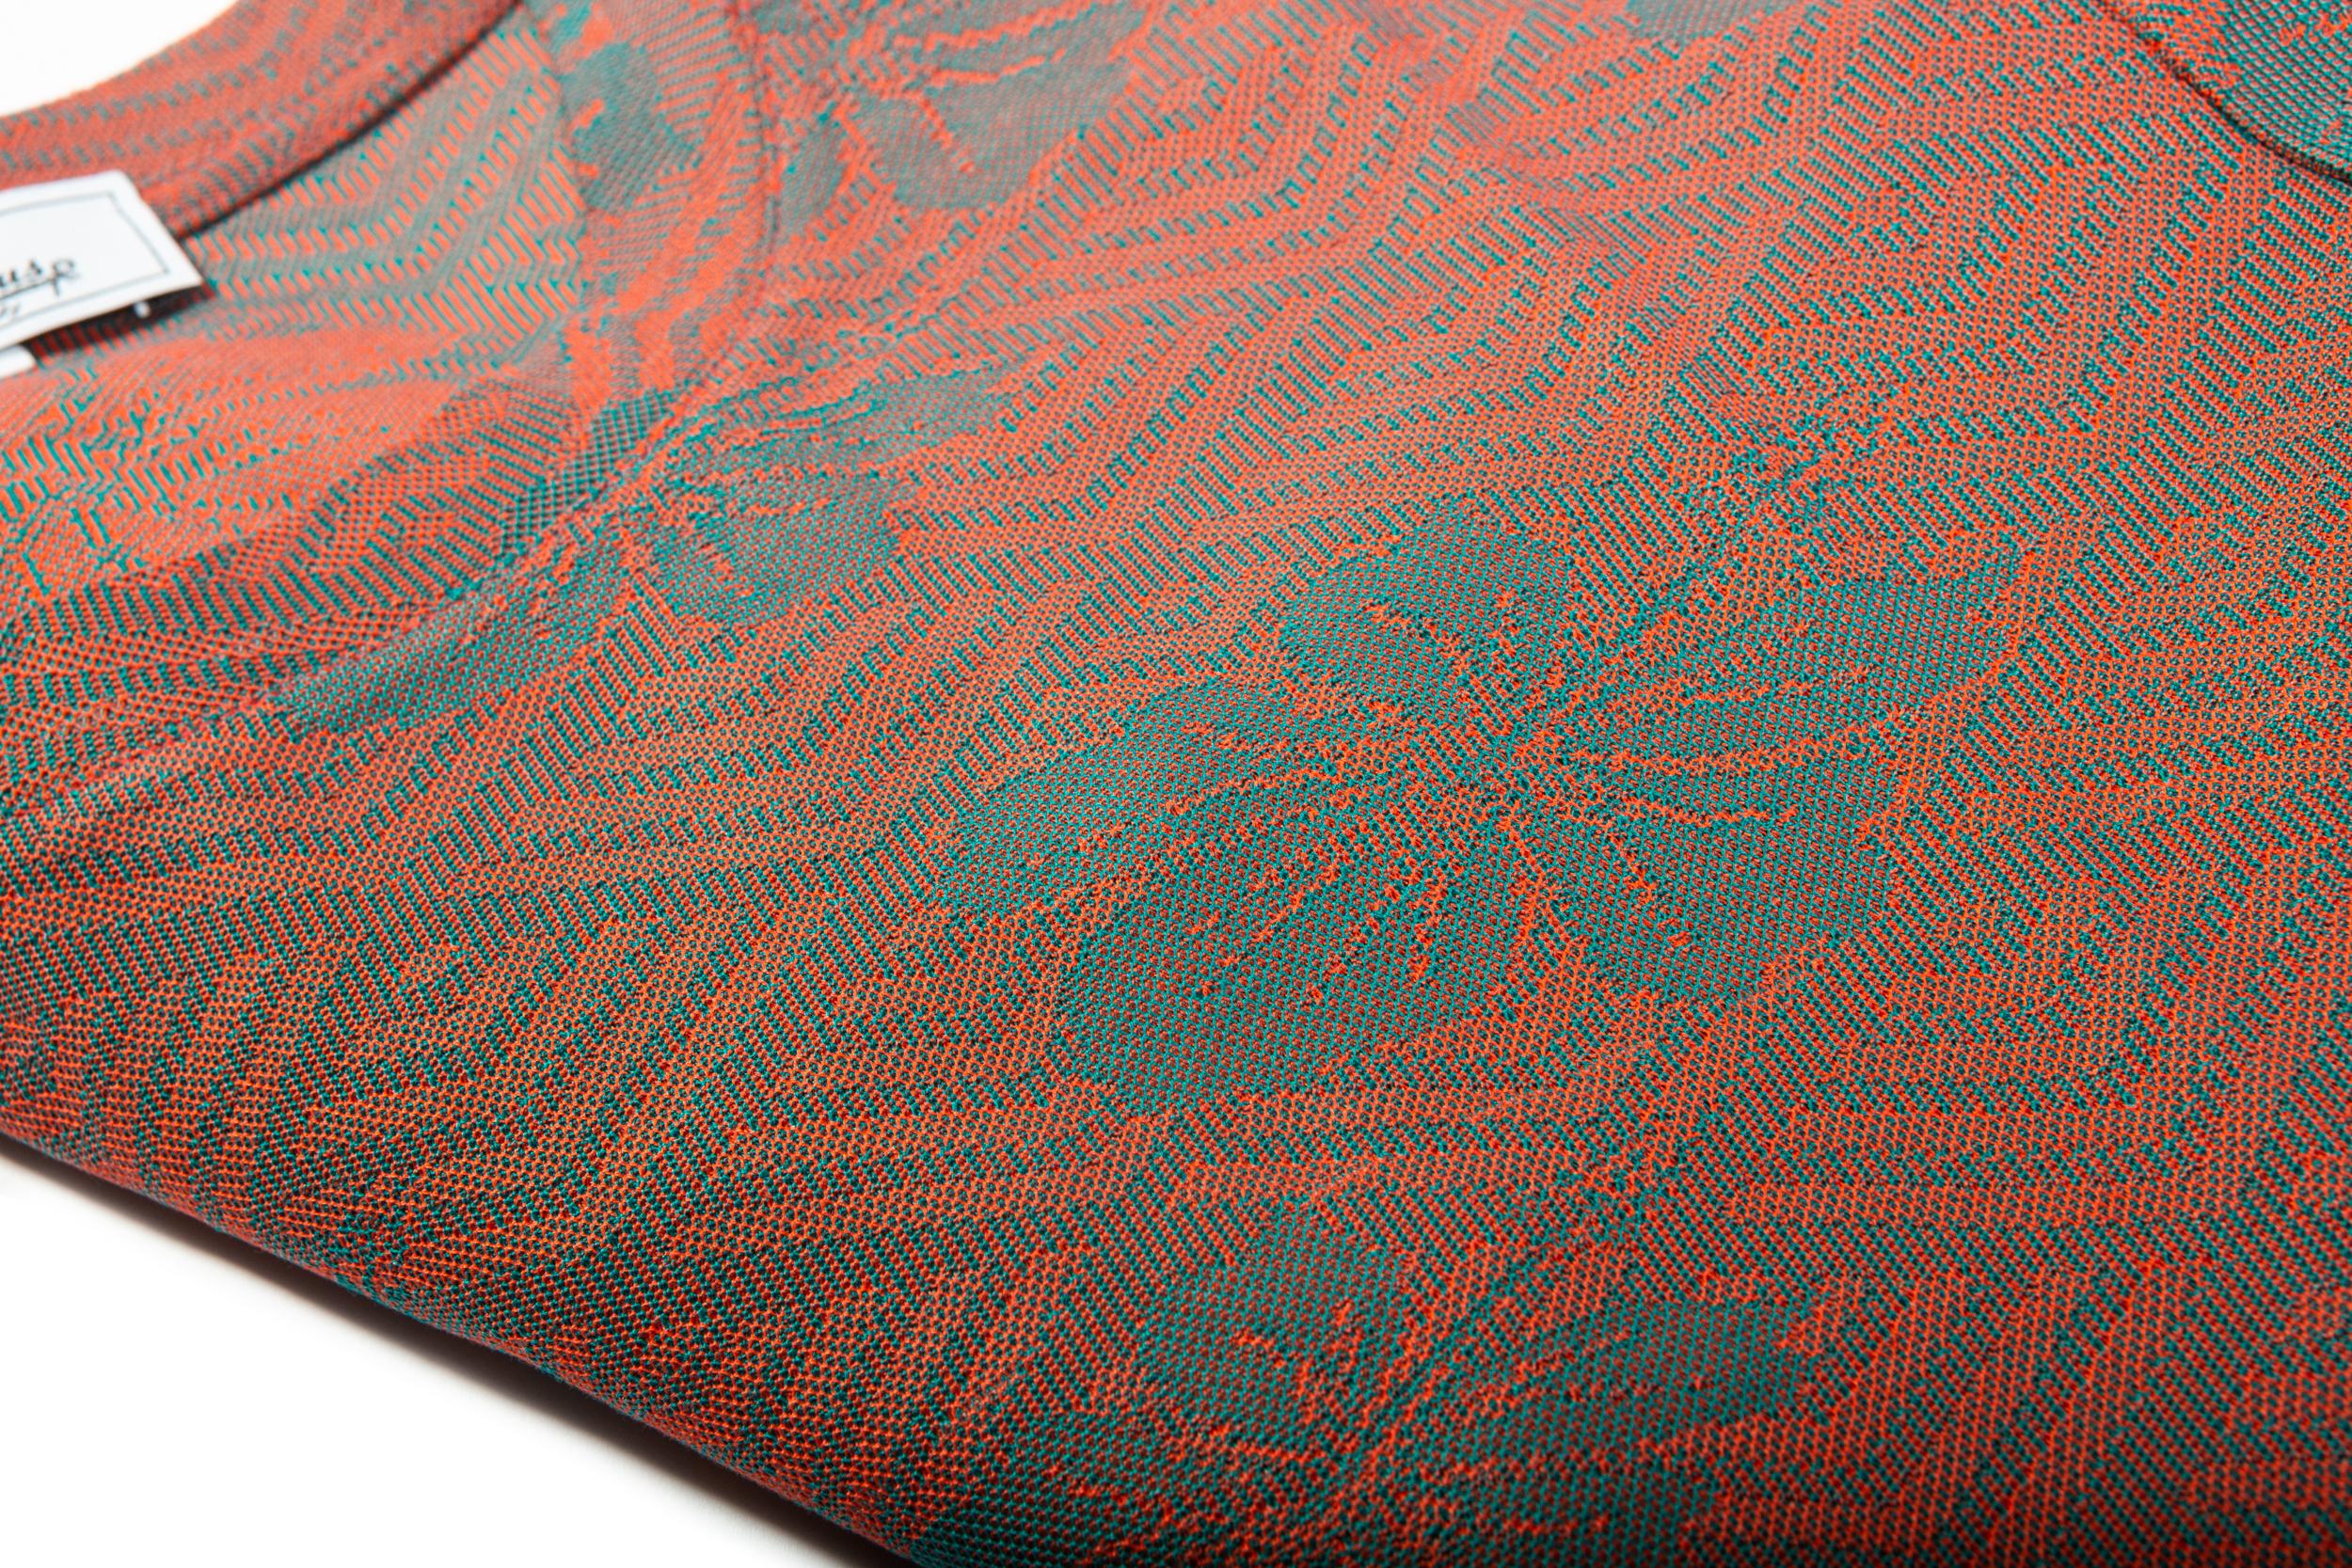 Dettaglio tessuto maxi jacquard in cotone disegno fiore